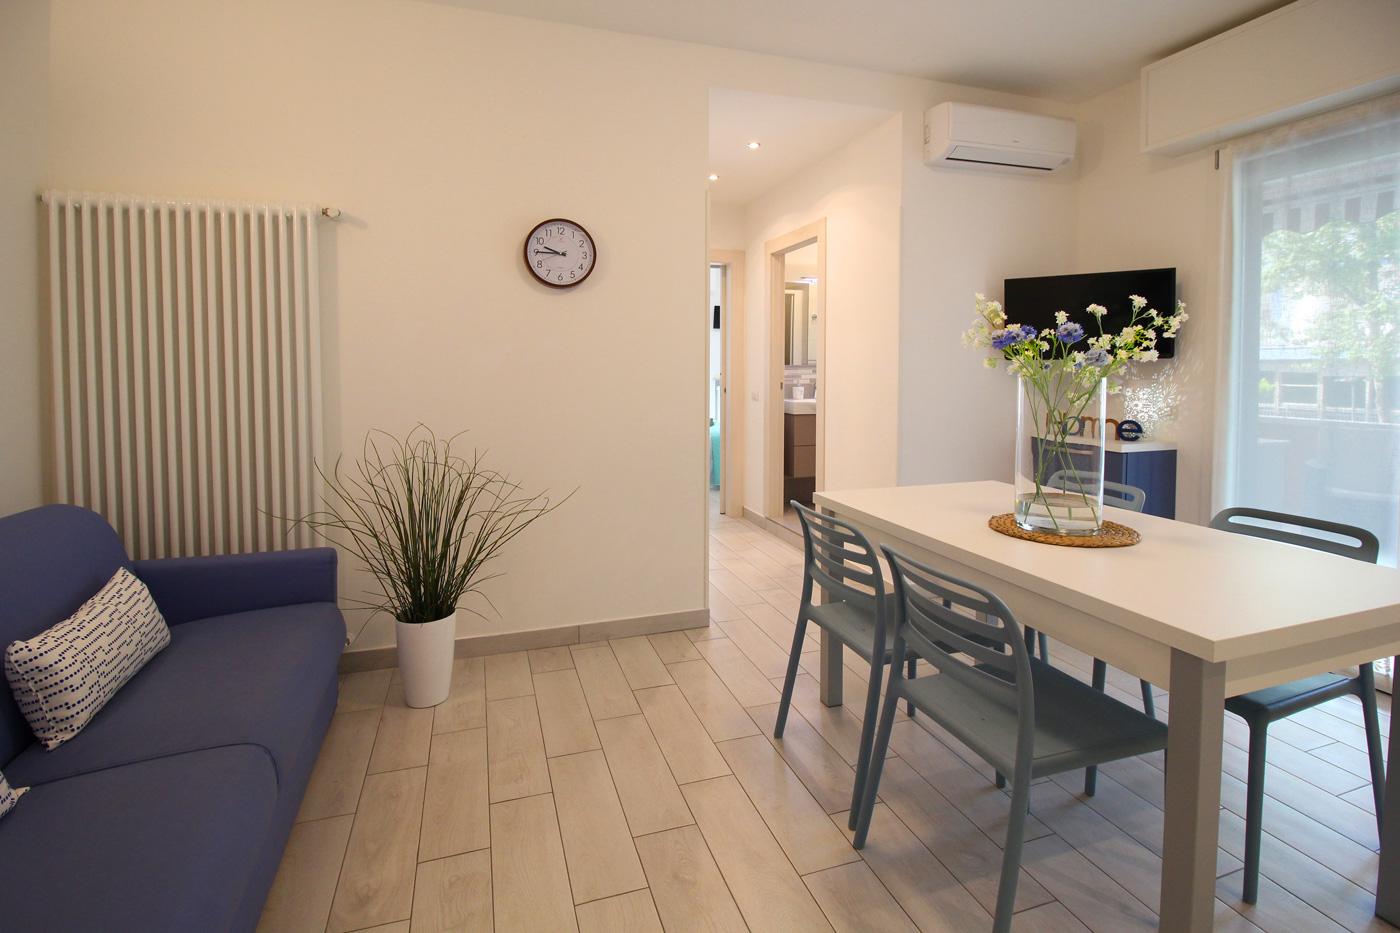 Appartemento al parco_IMG_7587_2